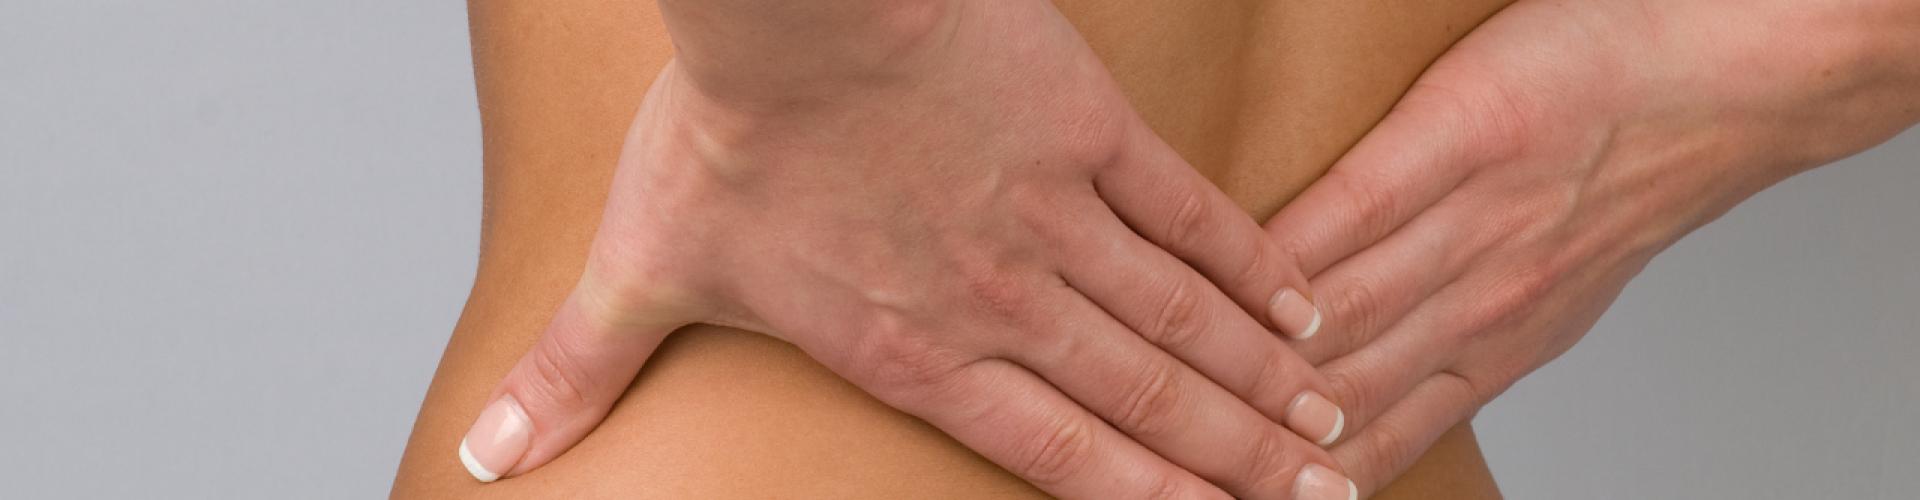 Körperschmerzen heilen